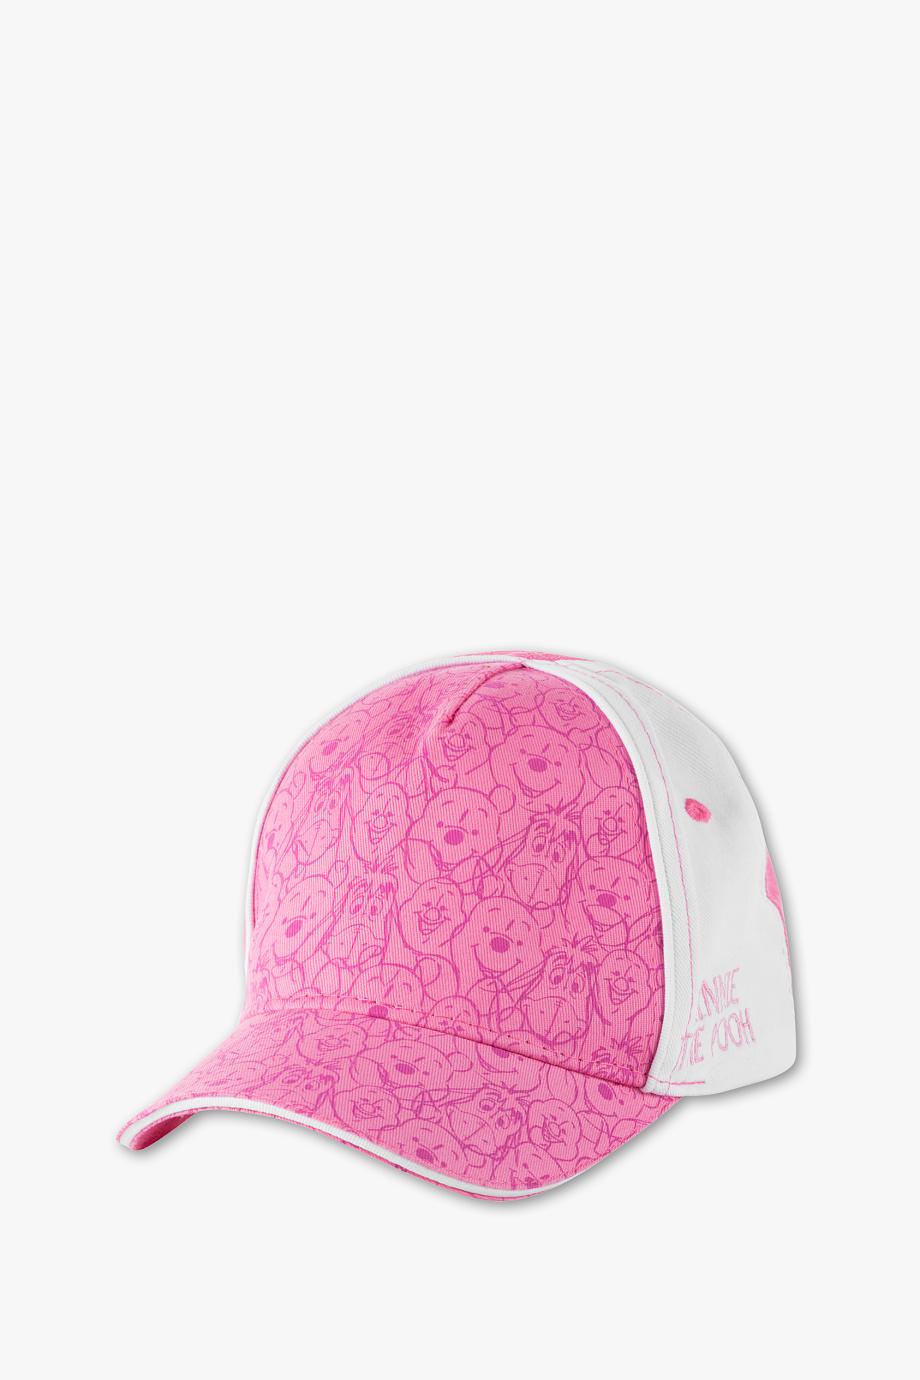 Kappi mit Winie Poooh aufdruck in weiß rosa